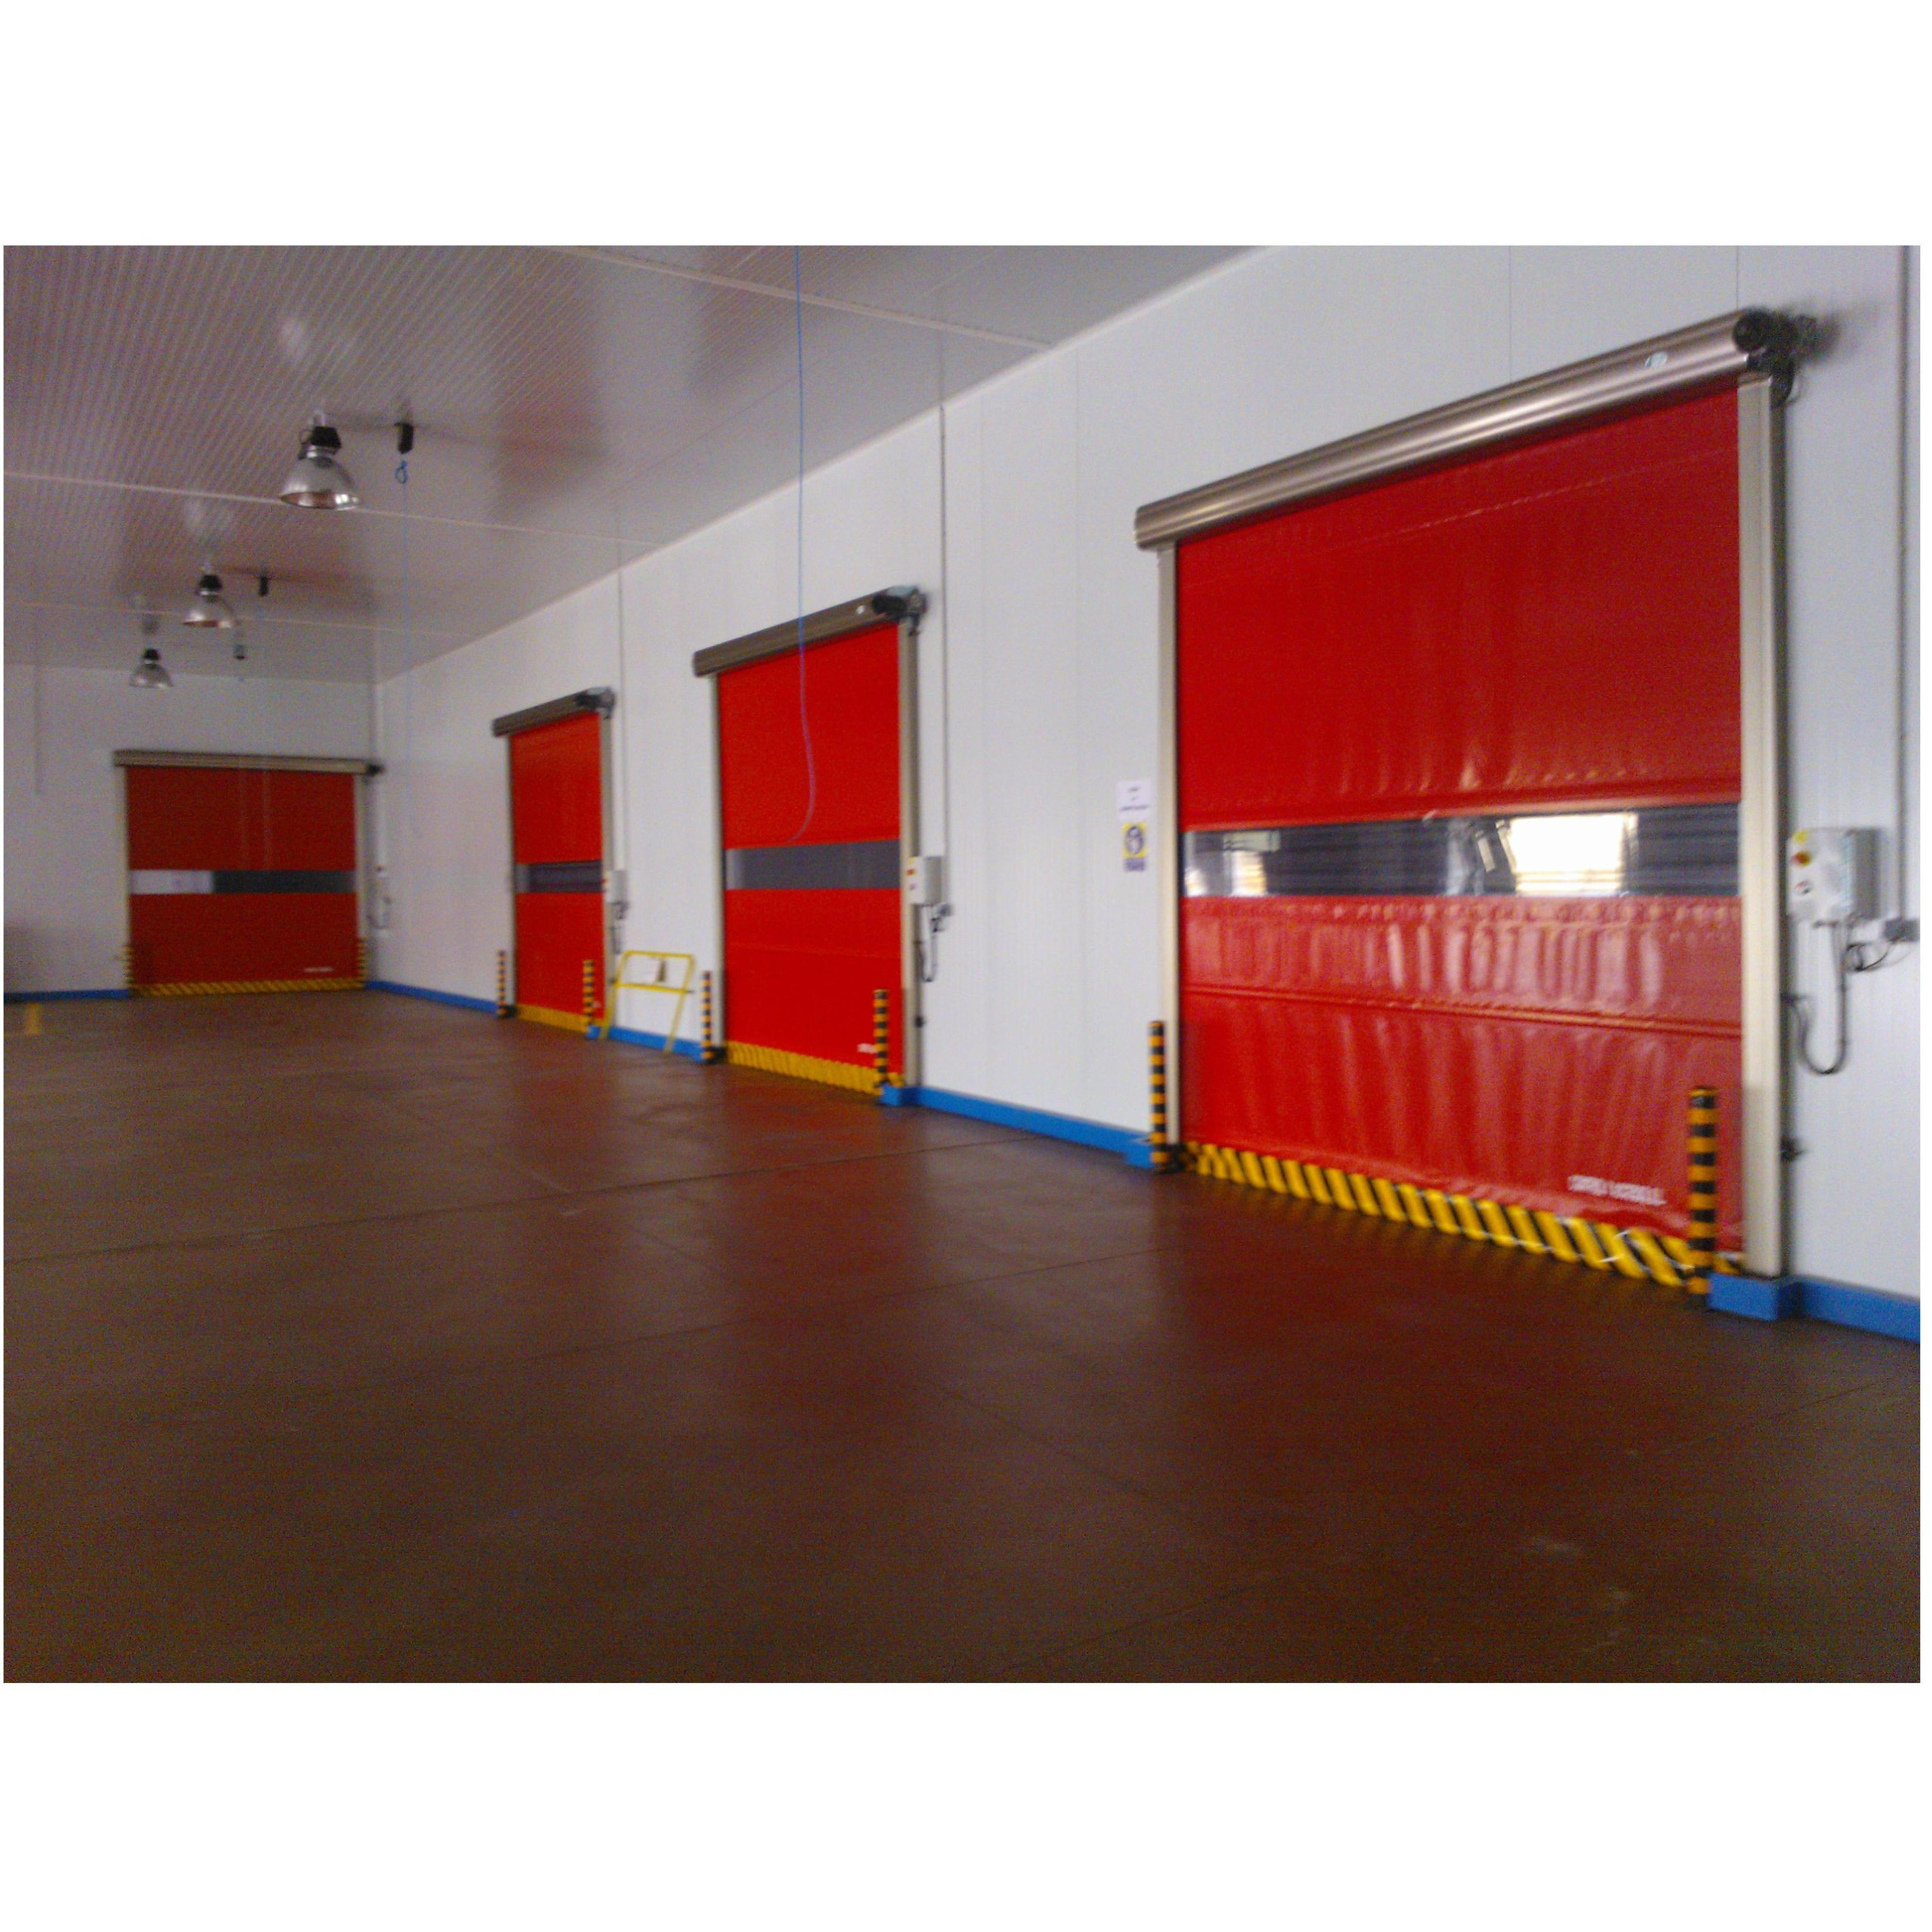 Puertas rápidas enrollables: Montajes e instalaciones de Mafrisur